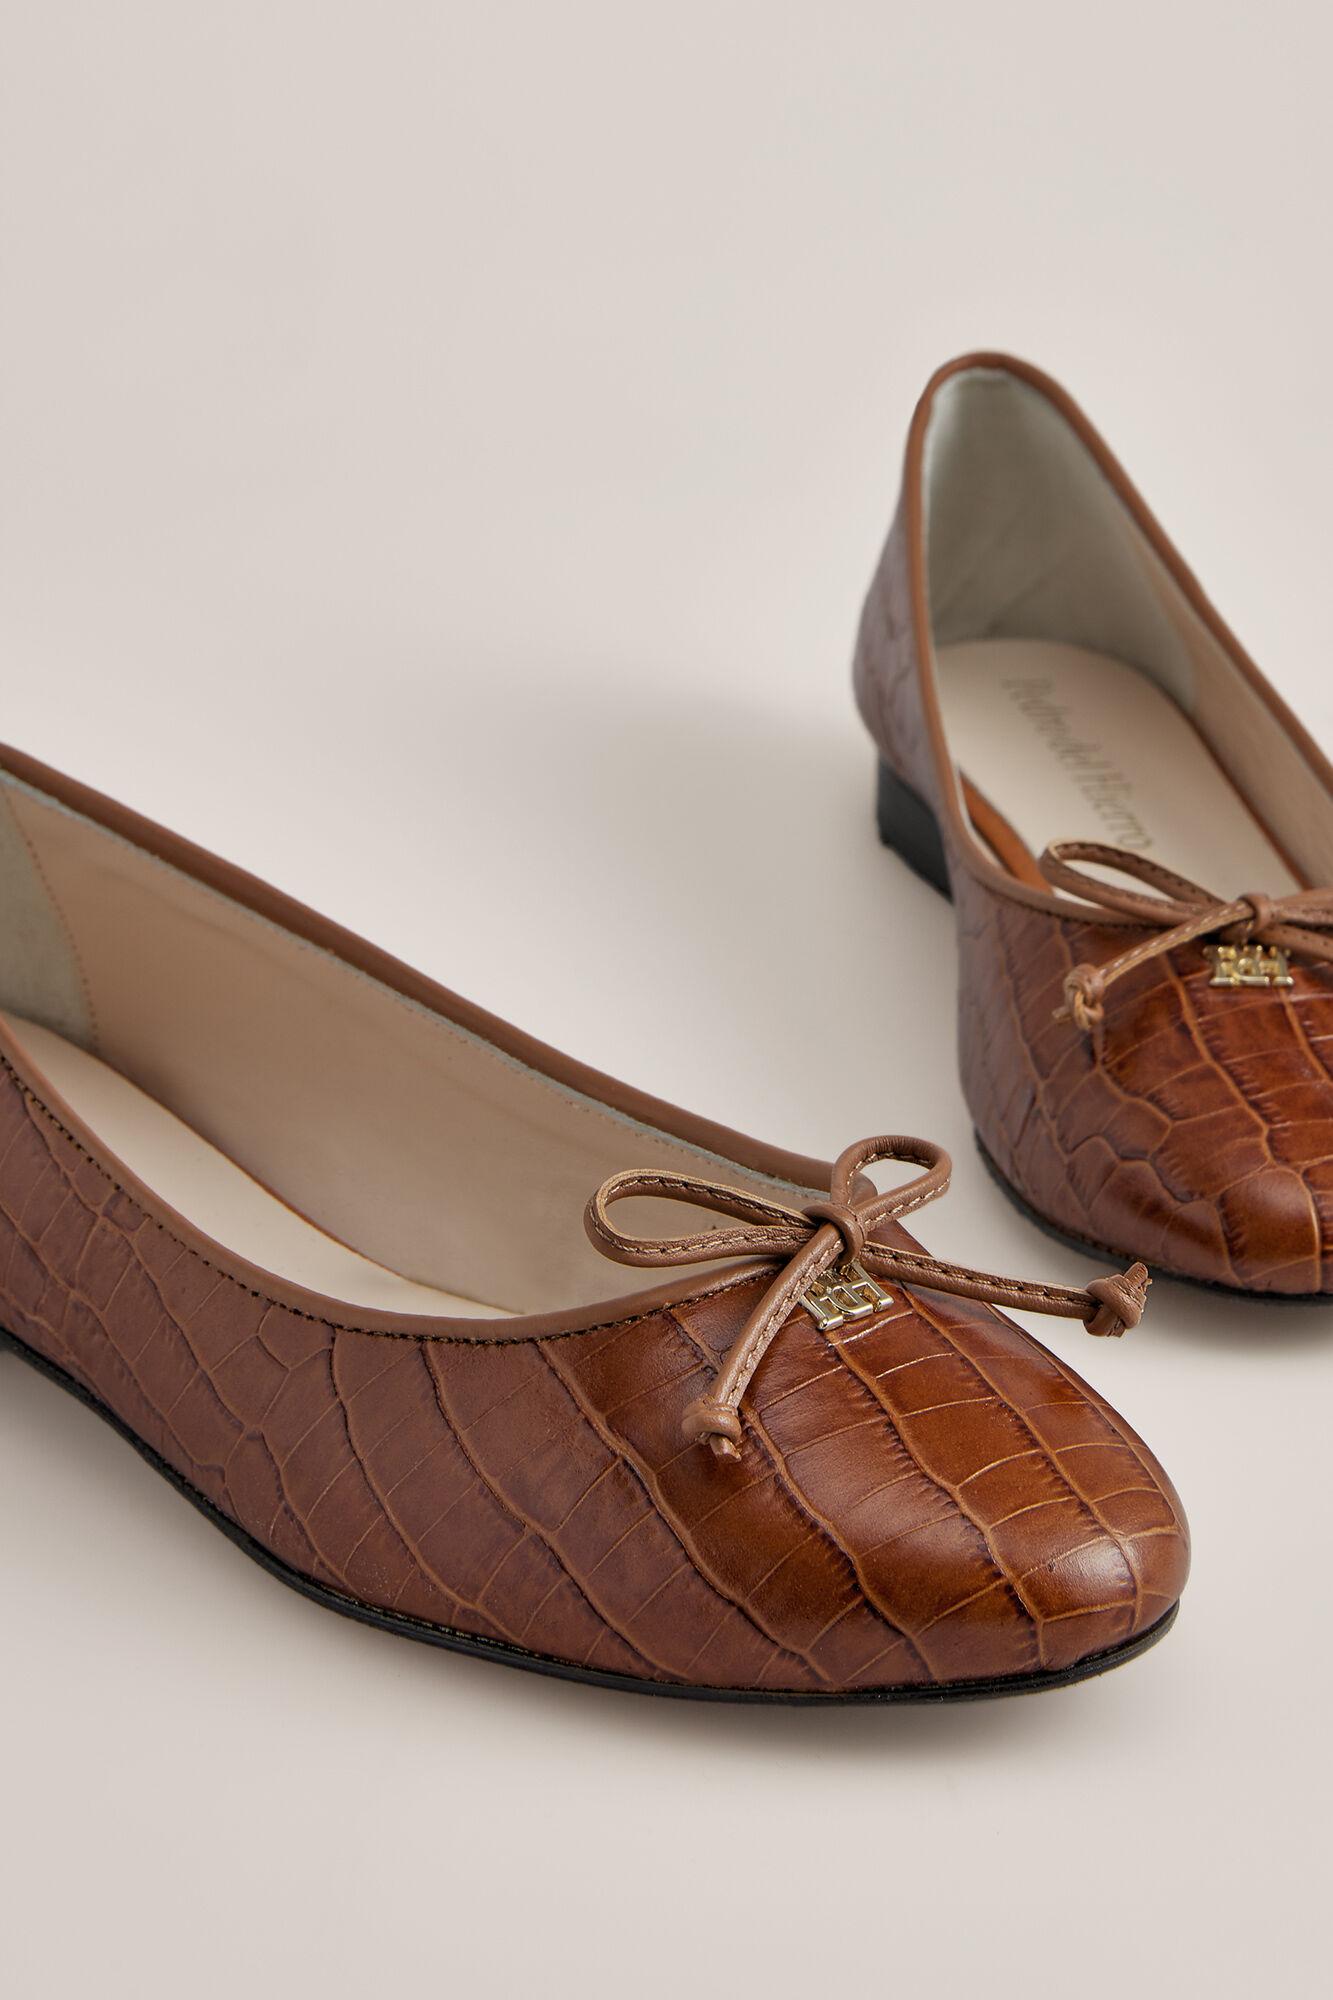 MujerPedro Zapatos De Del Del De De Zapatos MujerPedro Hierro Hierro Zapatos MujerPedro S5cRAjLq34